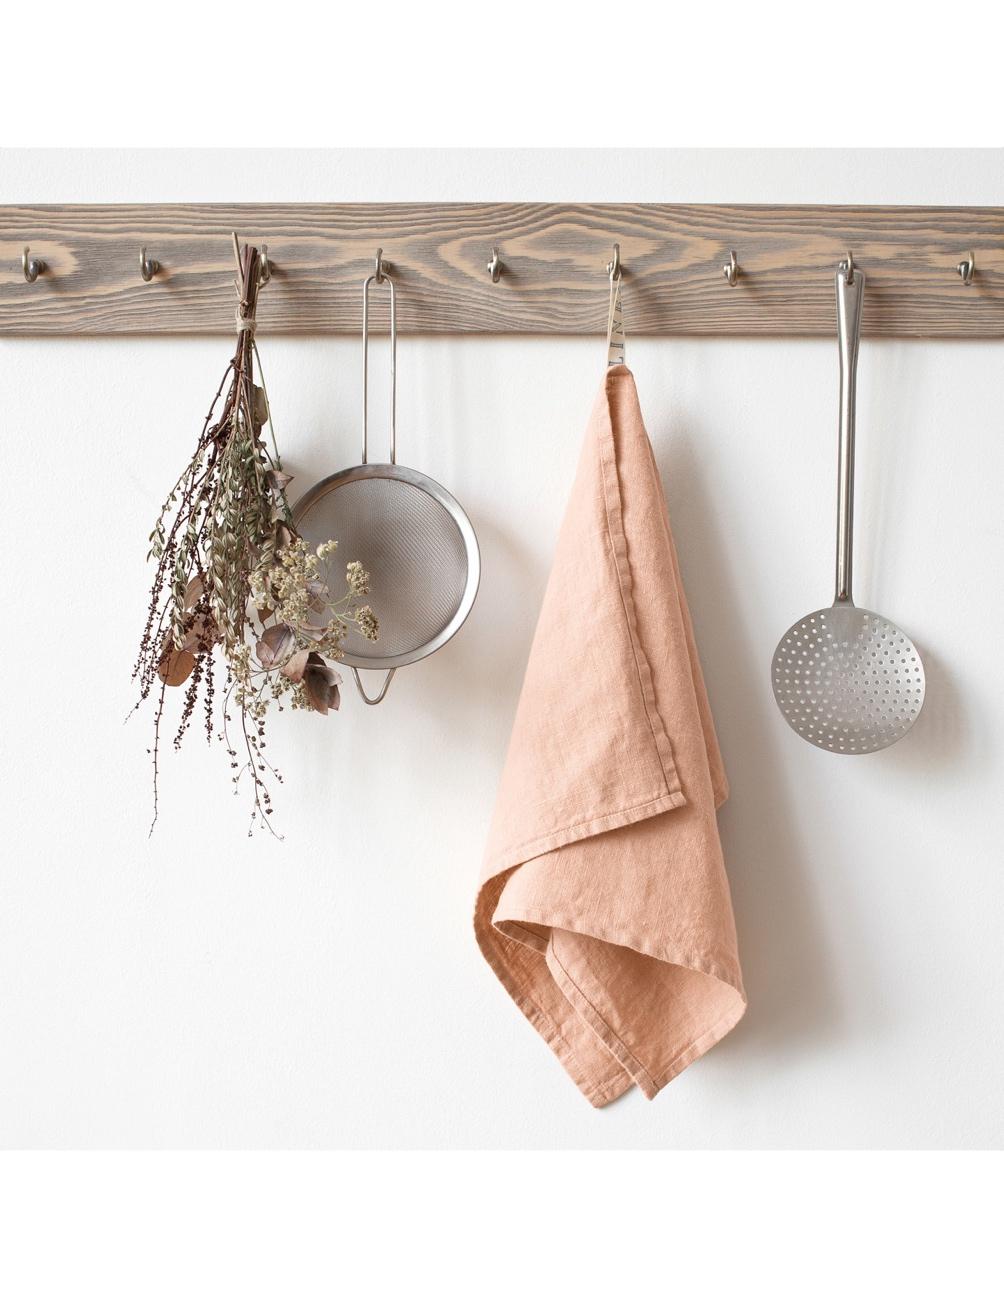 Handmade kitchen towel blush linen Linen Tales